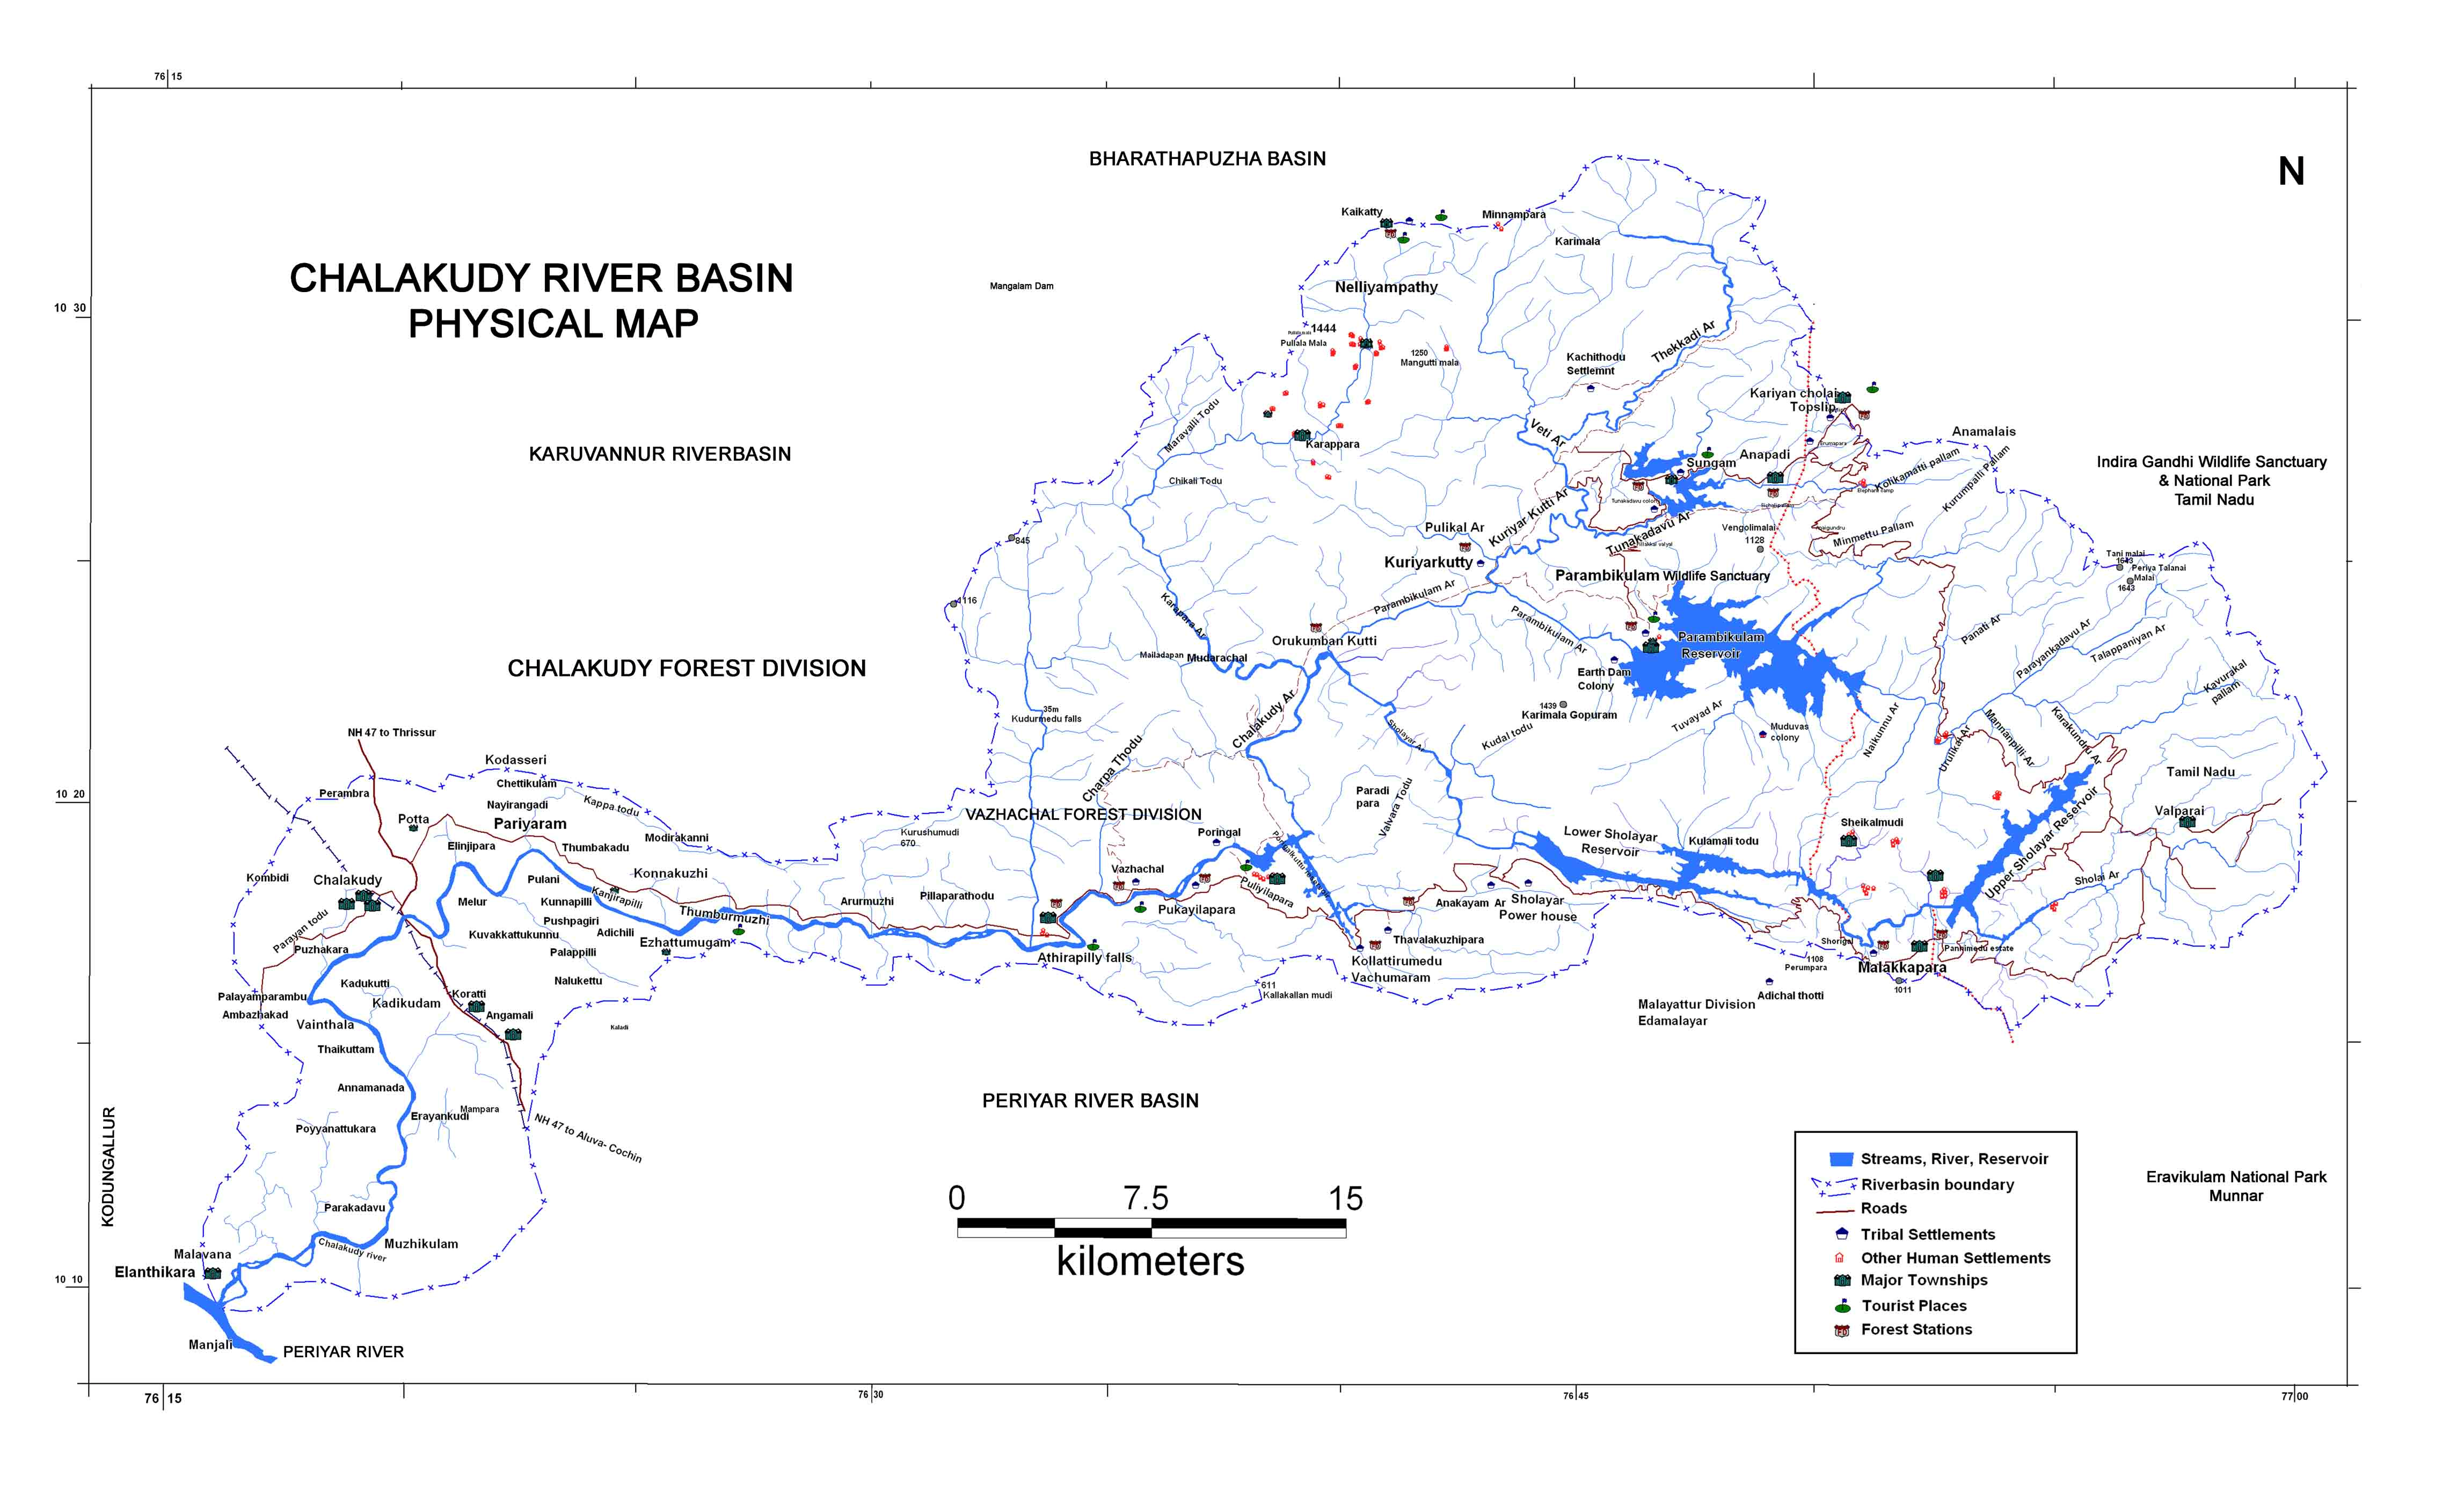 Chalakudy River Basin Physical Map